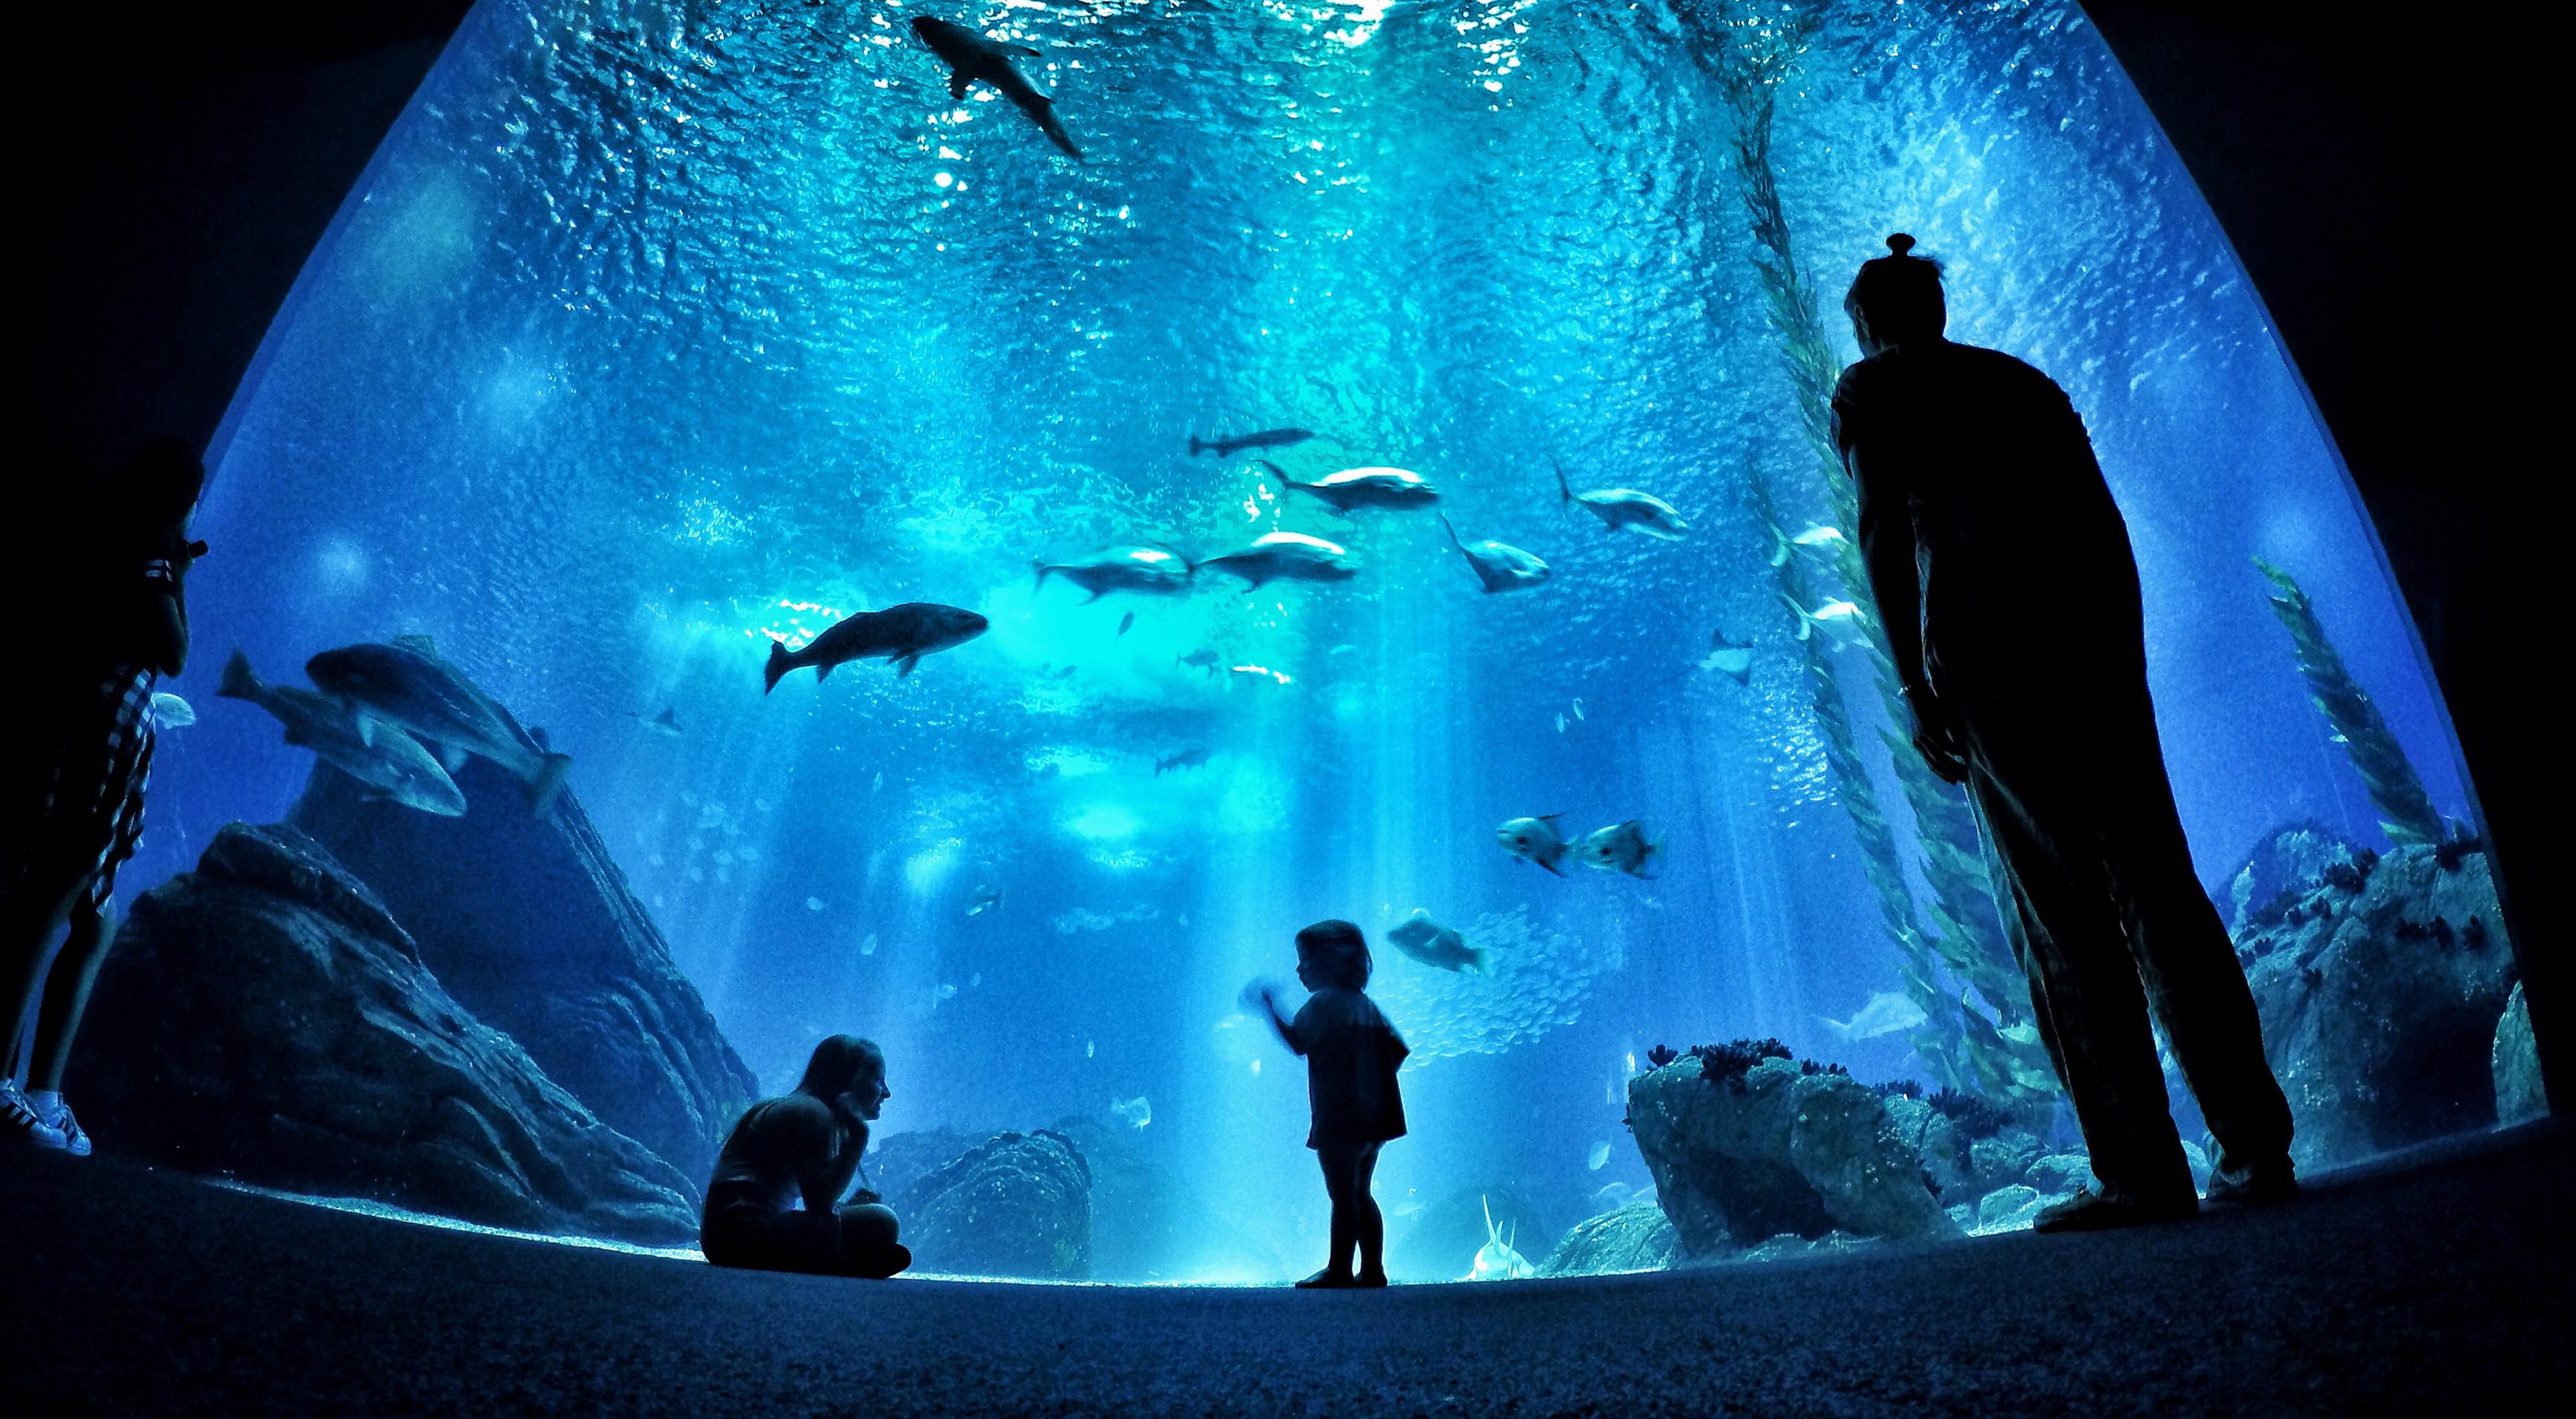 oceanario-de-lisboa-foto-de-bruno-alencastro-fotografo-selecionado-porto-alegre